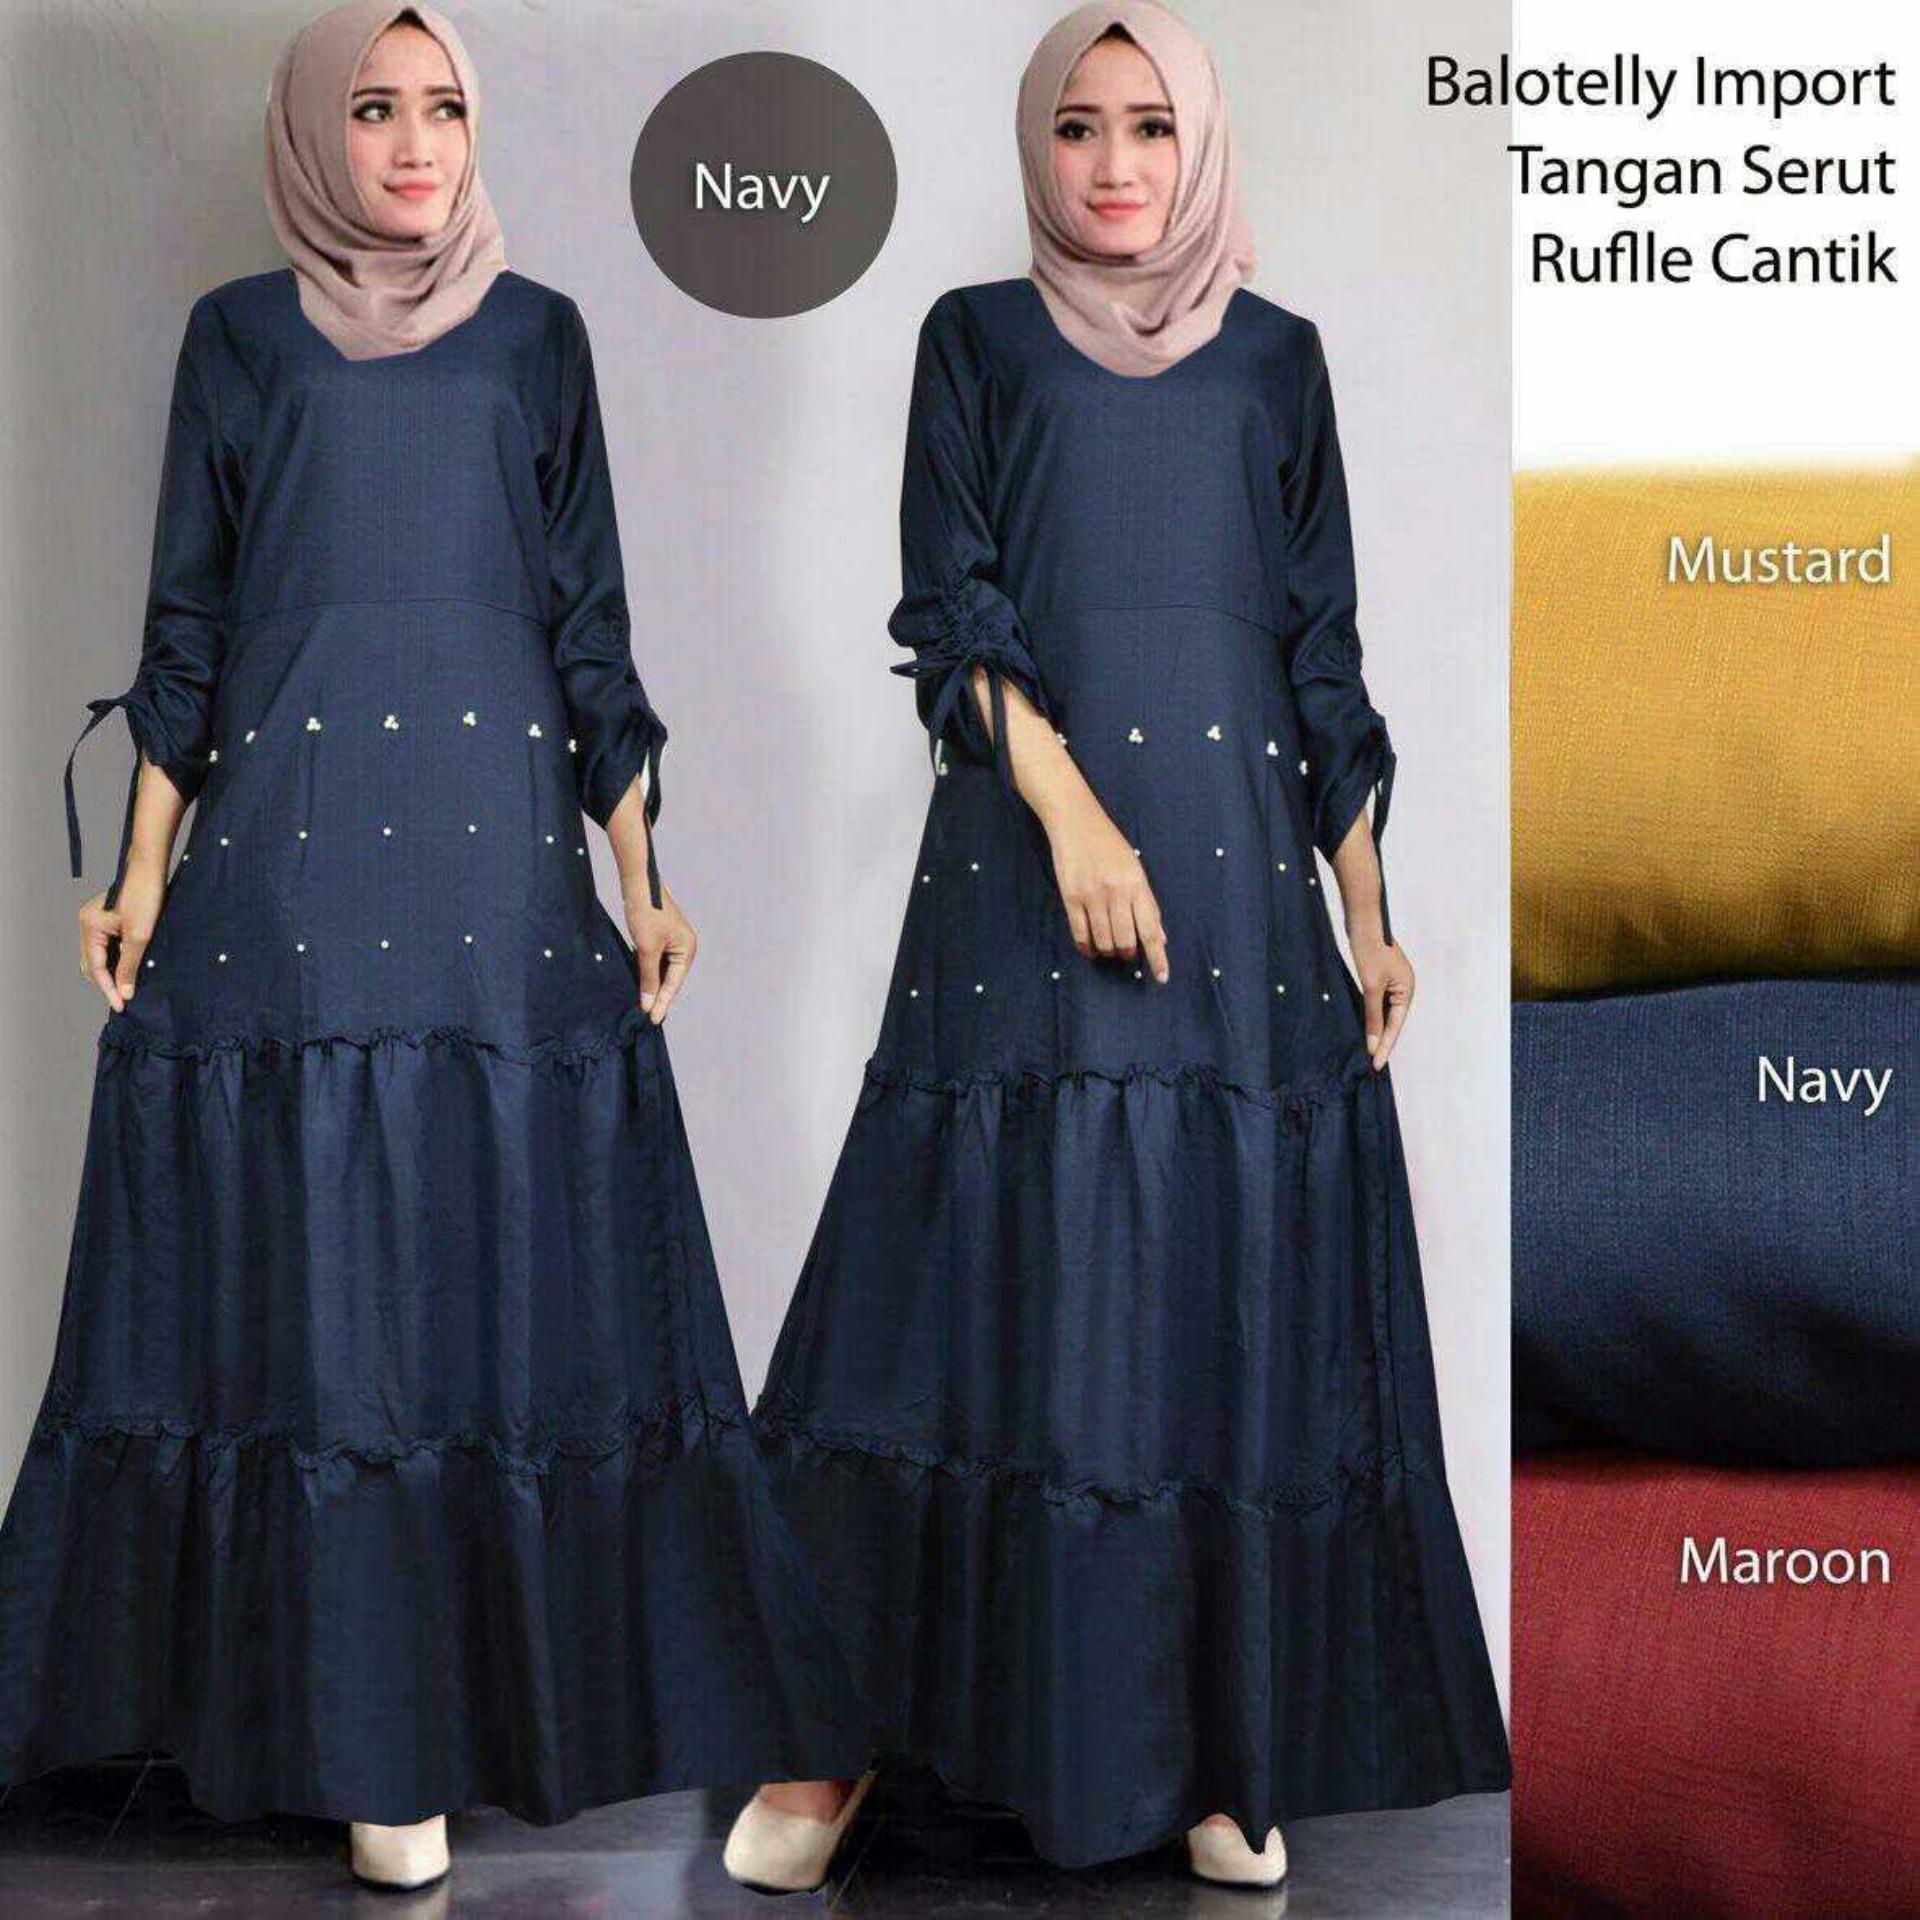 Jual Gamis Terbaru Terlengkap Khimar Panjang Pinguin Maxi Dress Lengan Baloteli Msr307 Syari Kasual Gaun Pesta Muslimah Baju